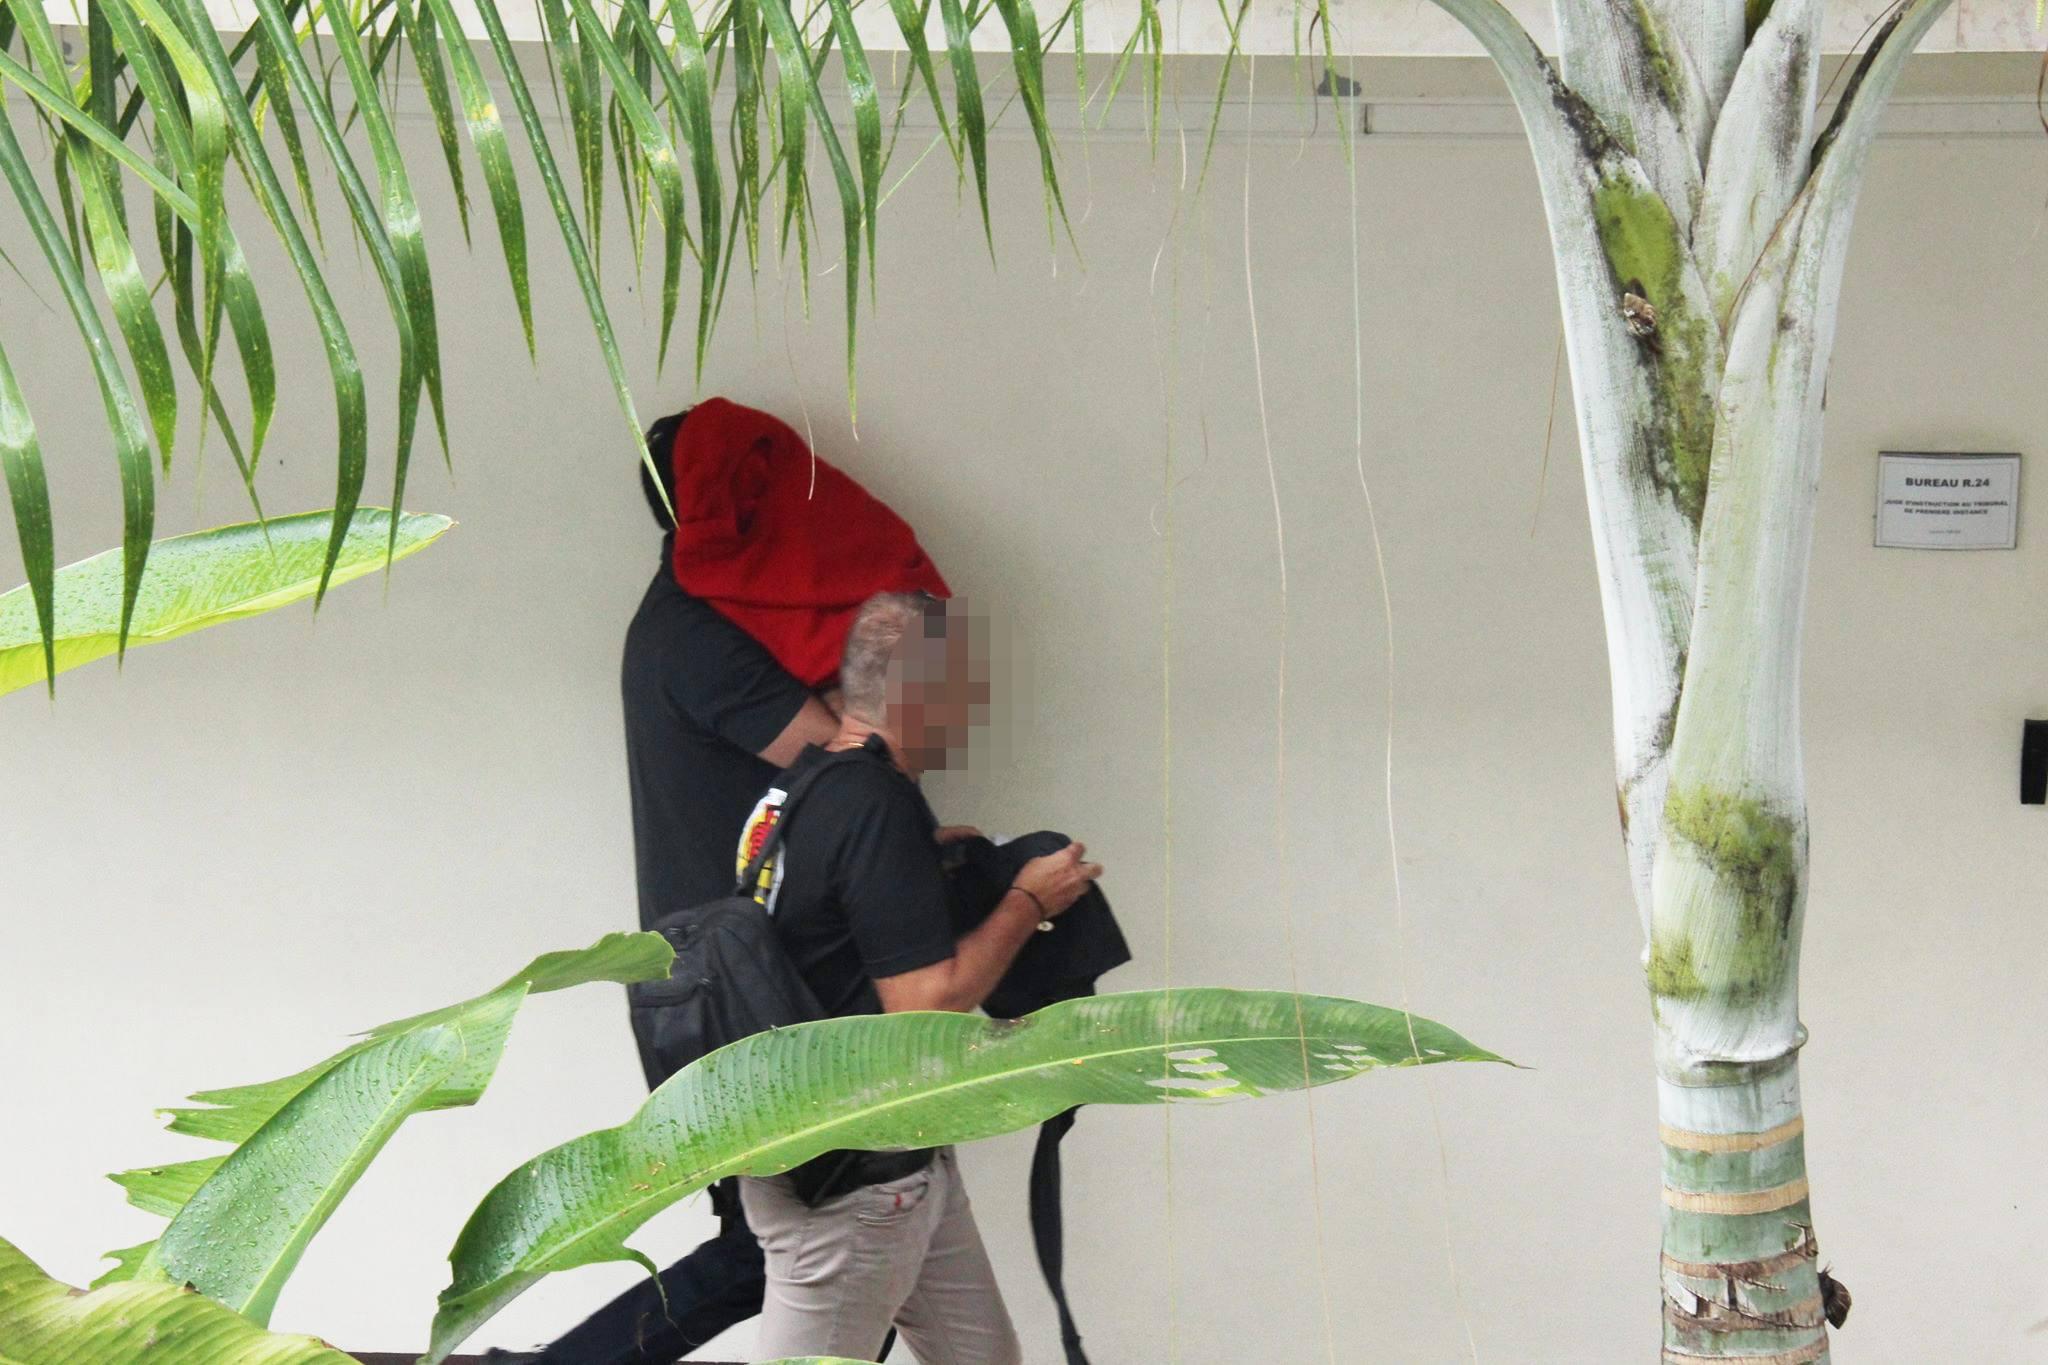 Trafic d'ice : Maitai Danielson mis en examen et placé en détention provisoire